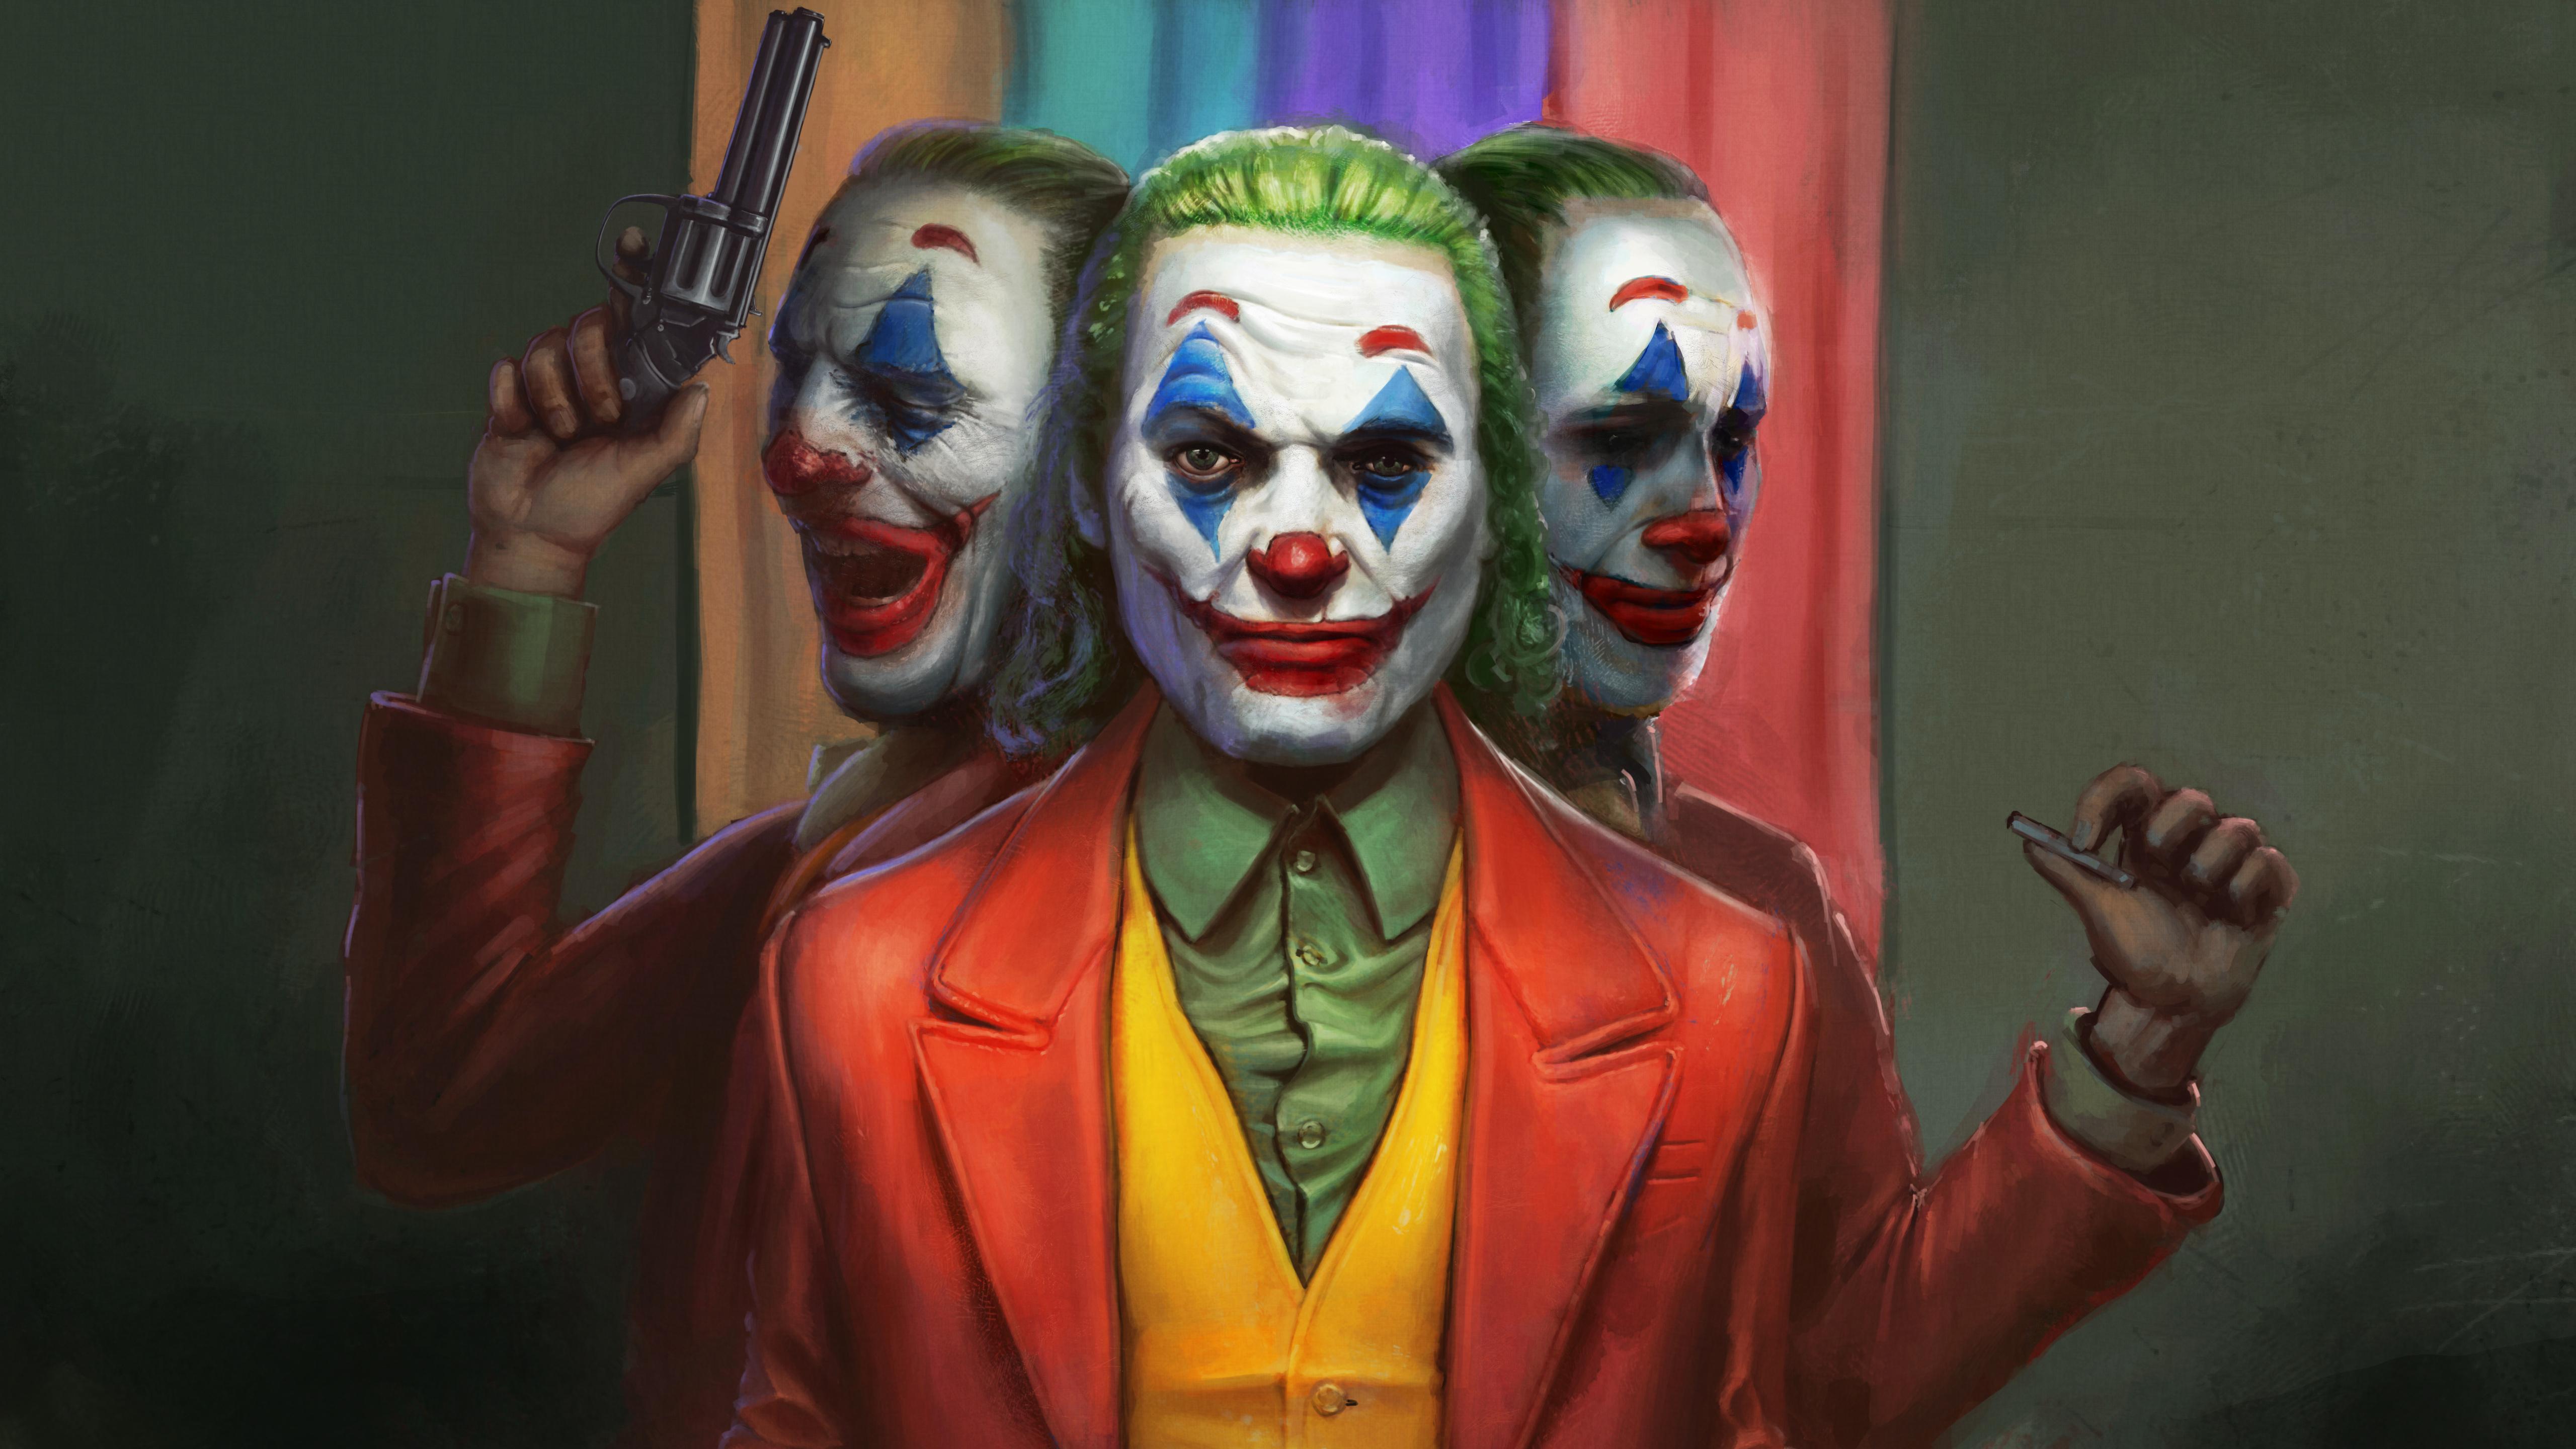 joker-5k-artwork-movie-vl.jpg